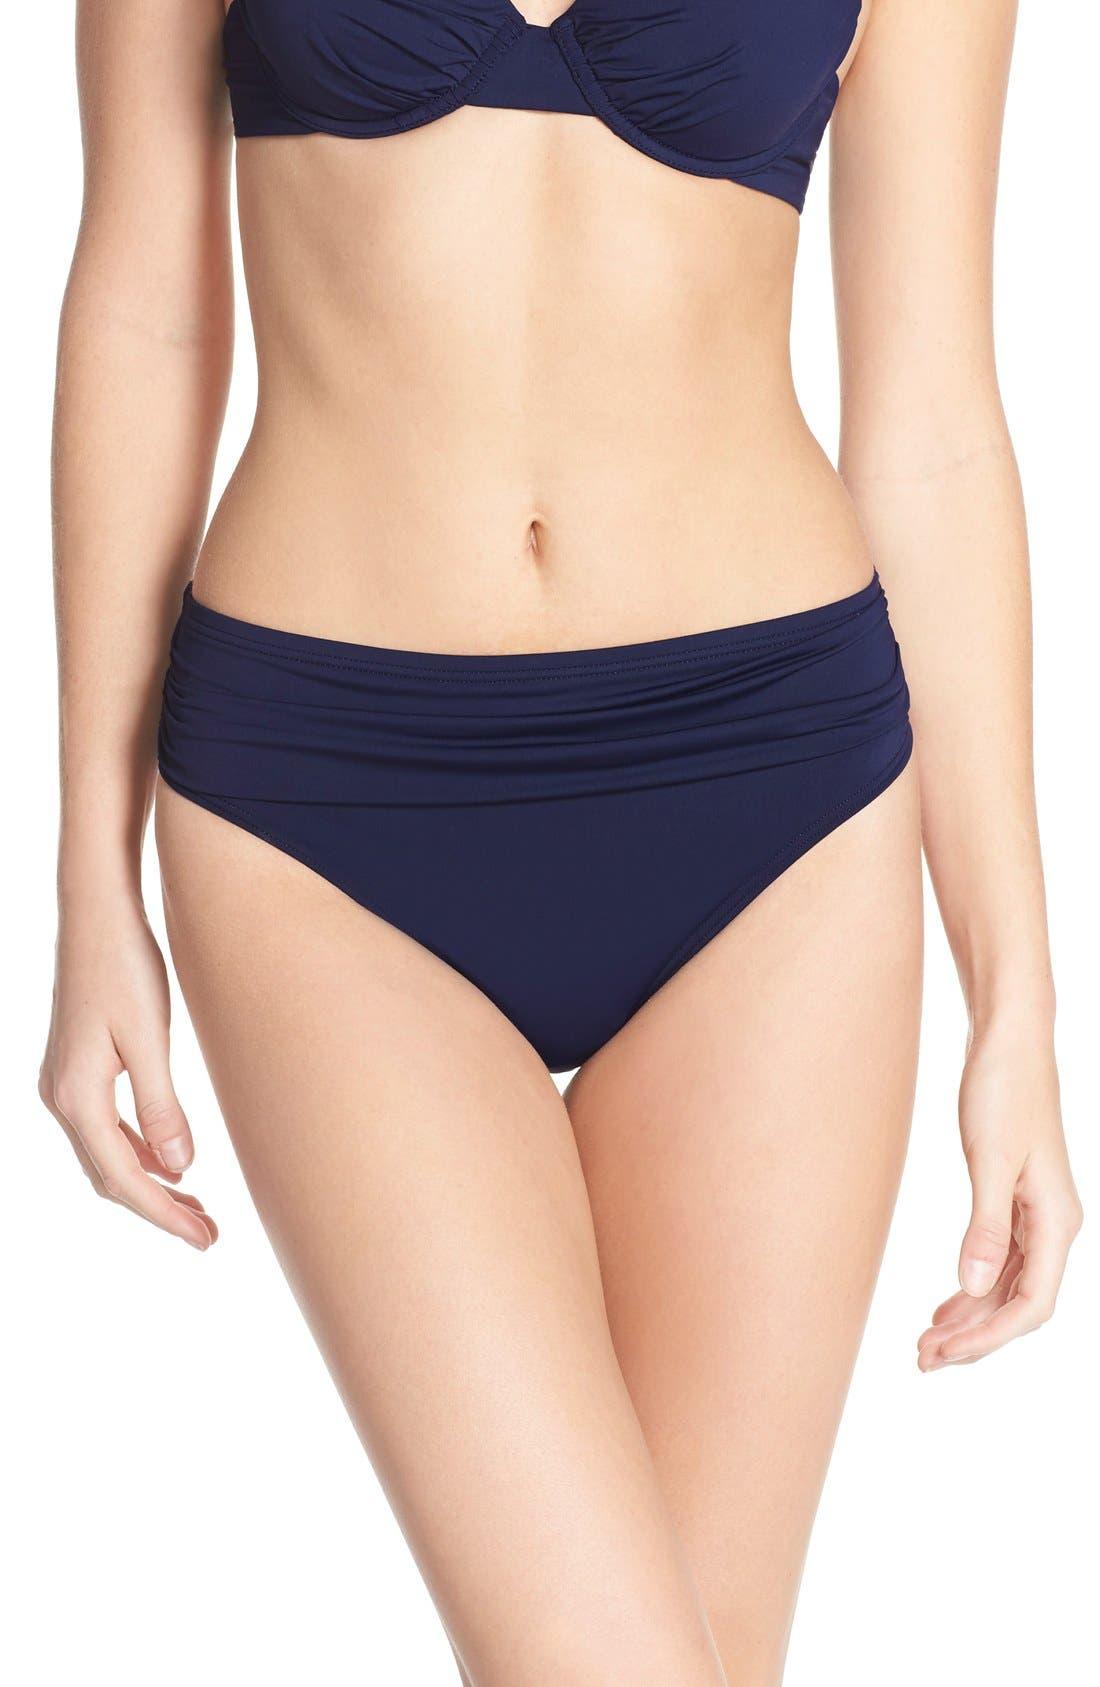 'Pearl' High Waist Bikini Bottoms,                         Main,                         color, Mare Navy